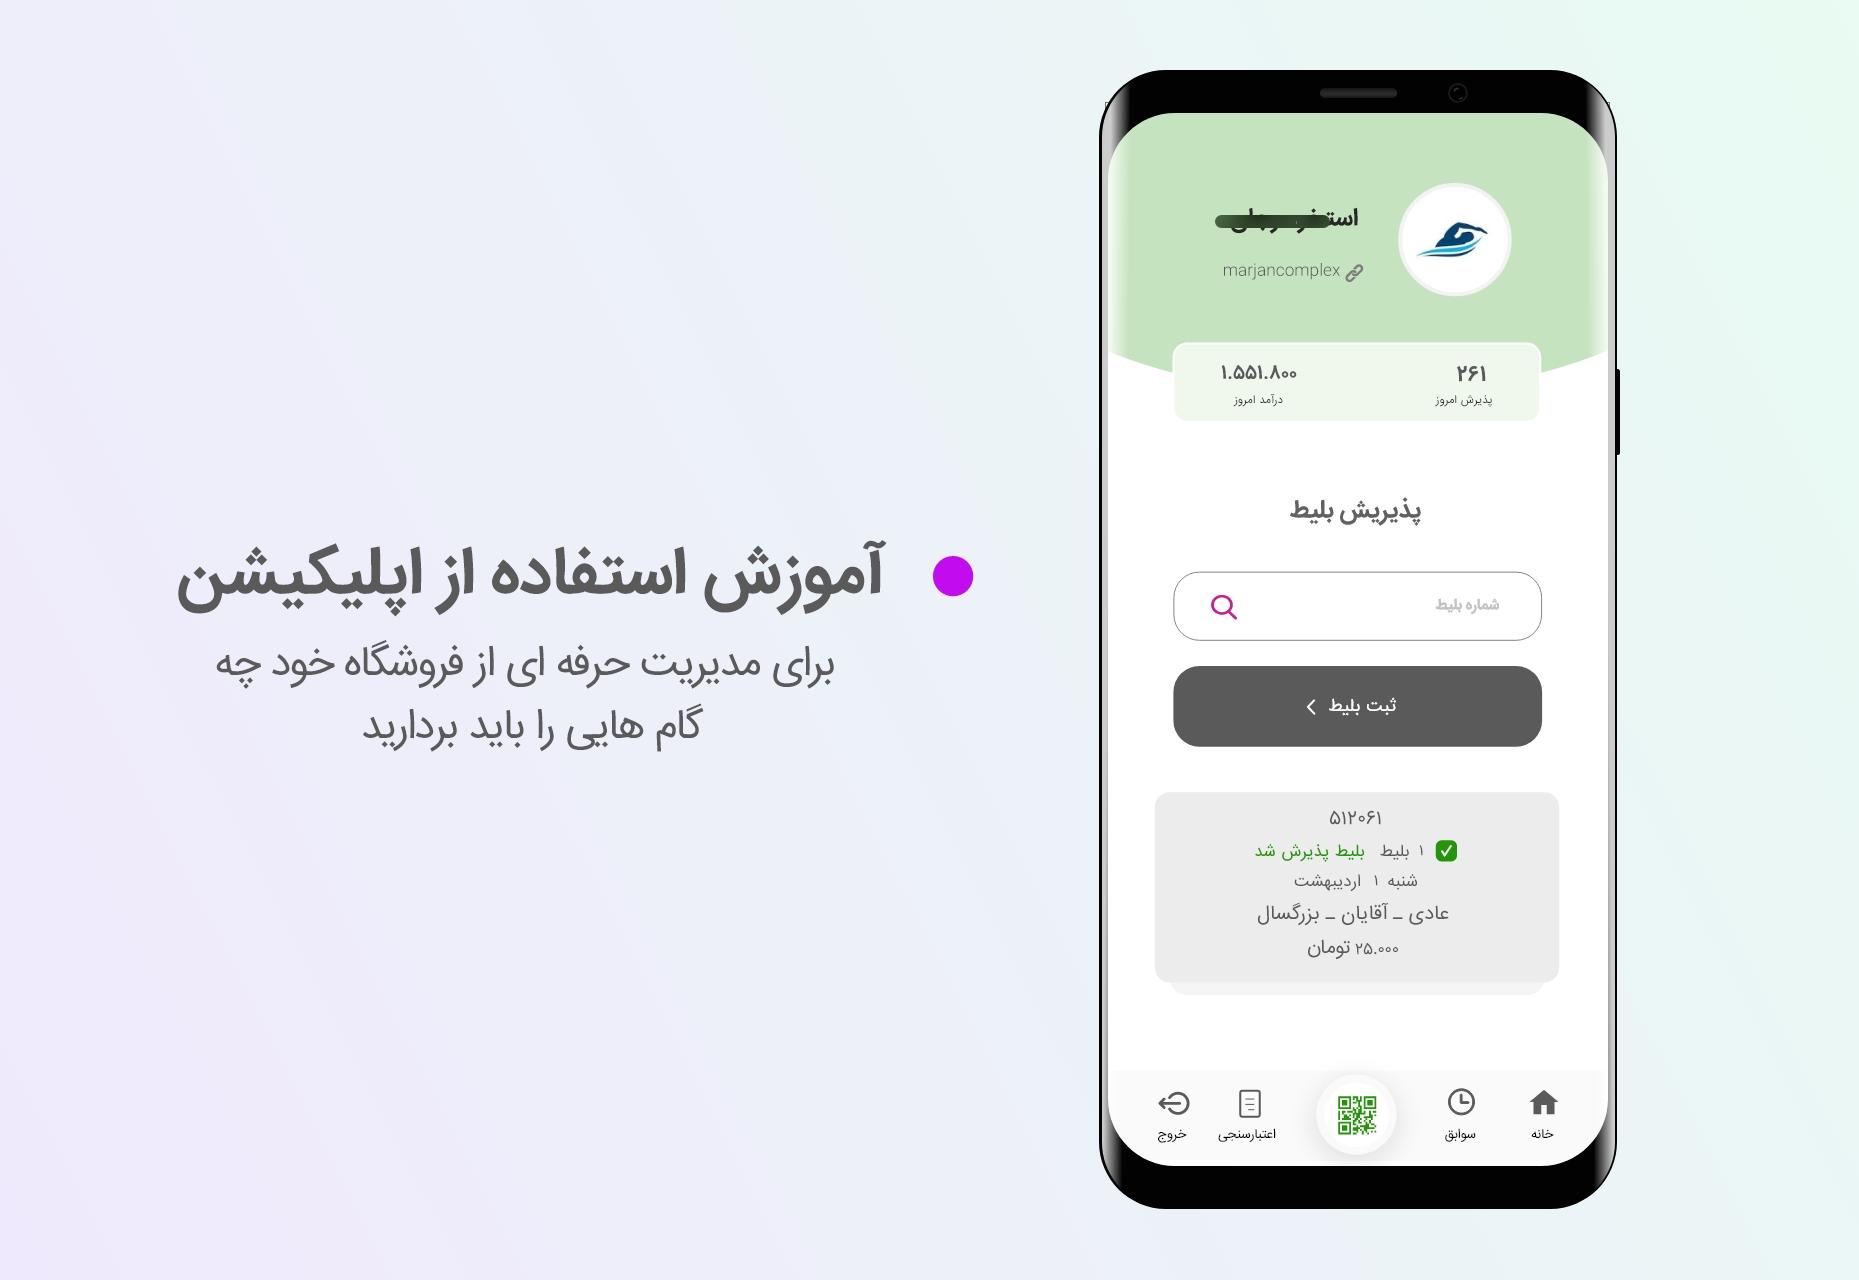 """راهنمای استفاده از اپلیکیشن """"گشتین فروشگاه من"""" نسخه مدیریت"""